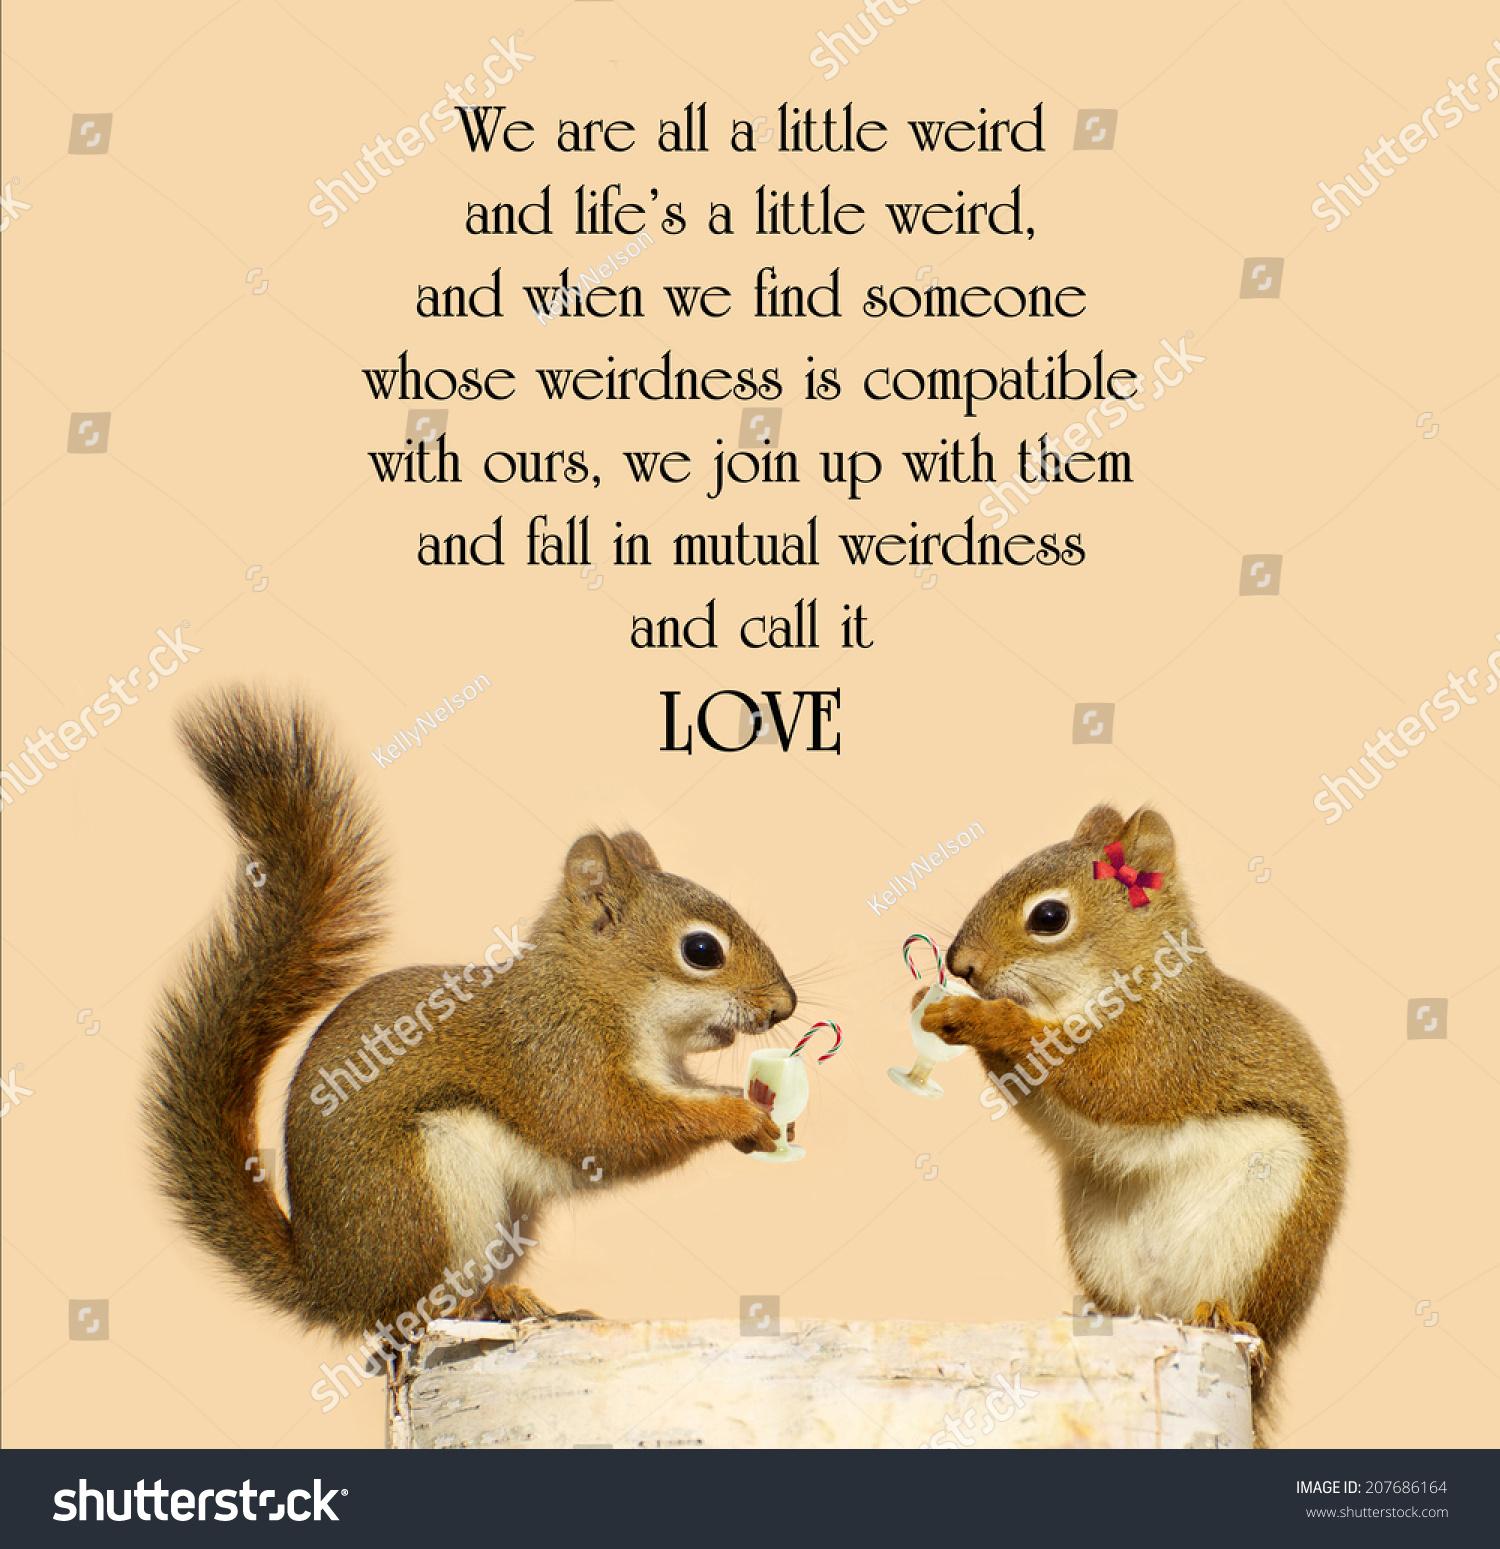 Cute squirrels in love - photo#6